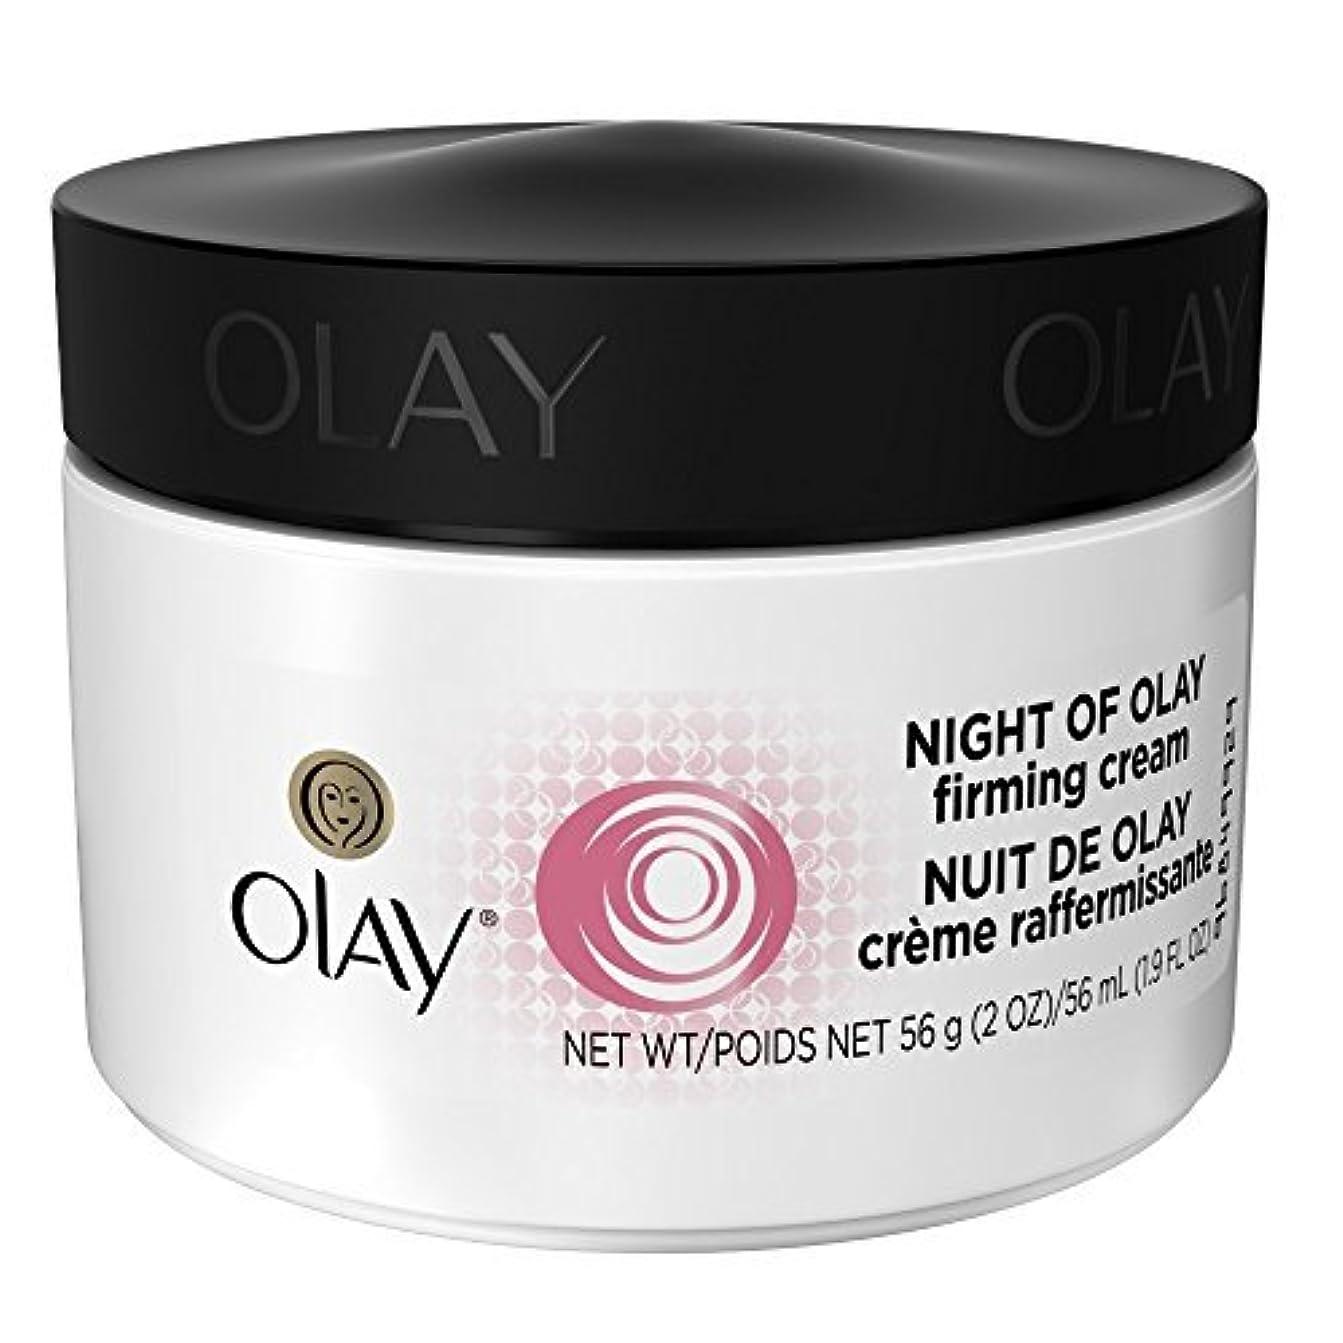 トンプレゼンテーション無効OIL OF OLAY NIGHT CREAM 2 OZ by Olay